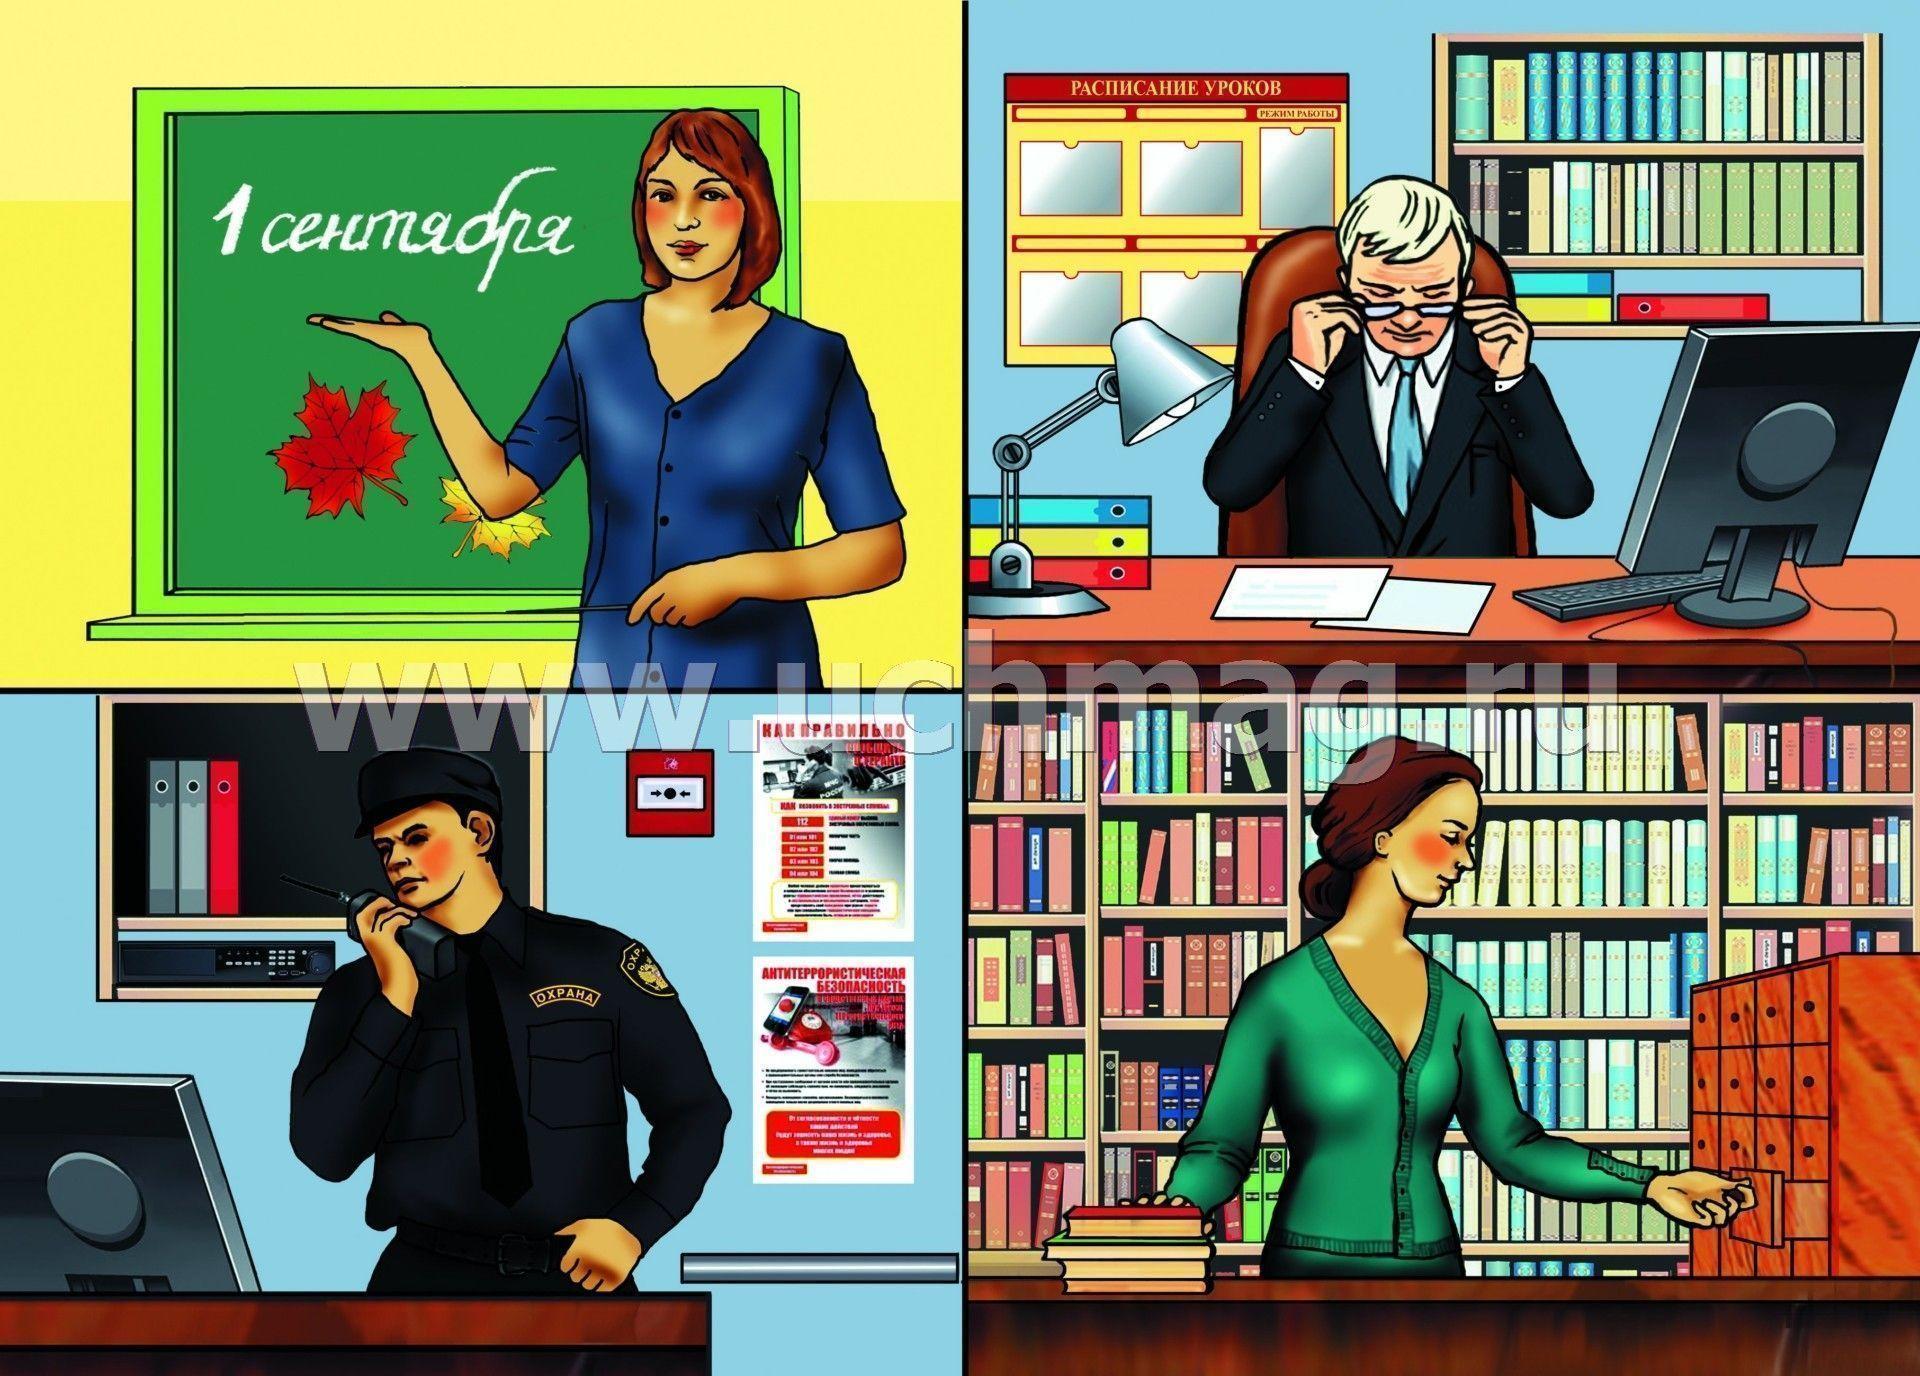 Ролевая игра для 6 класса воспитательная работа ролевая игра аватар легнда об аанге